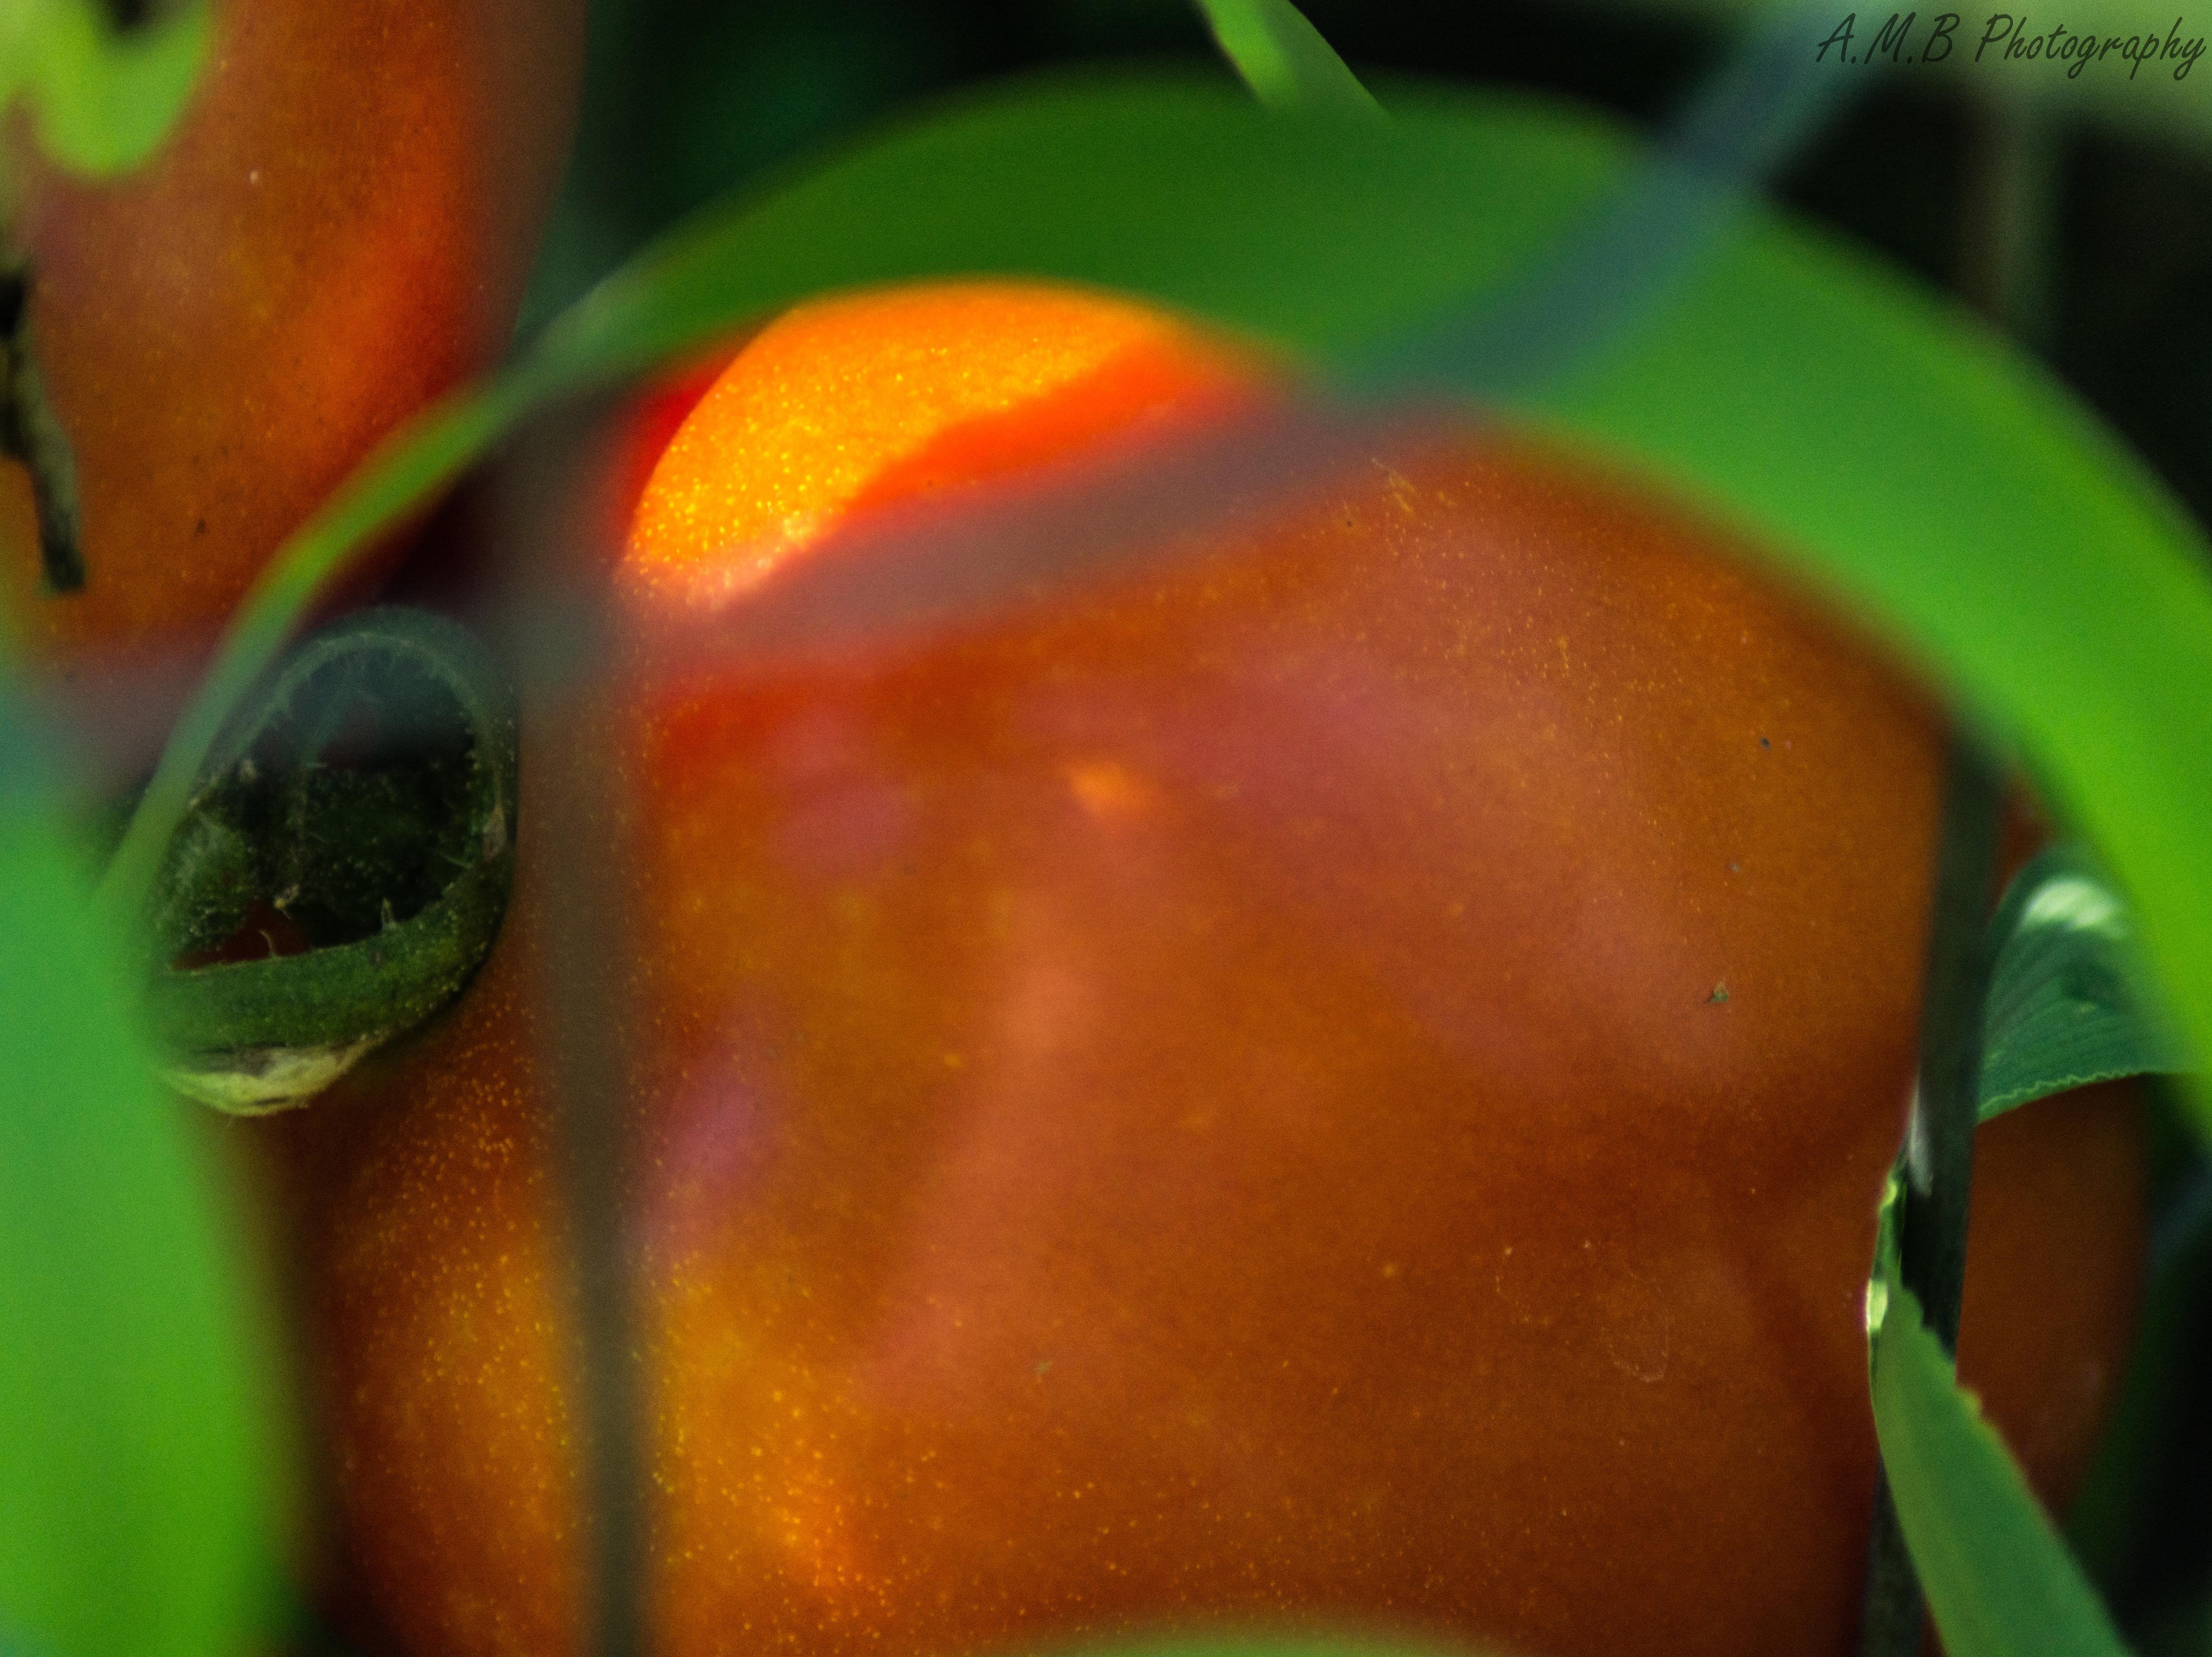 Early Girl Tomatoes II